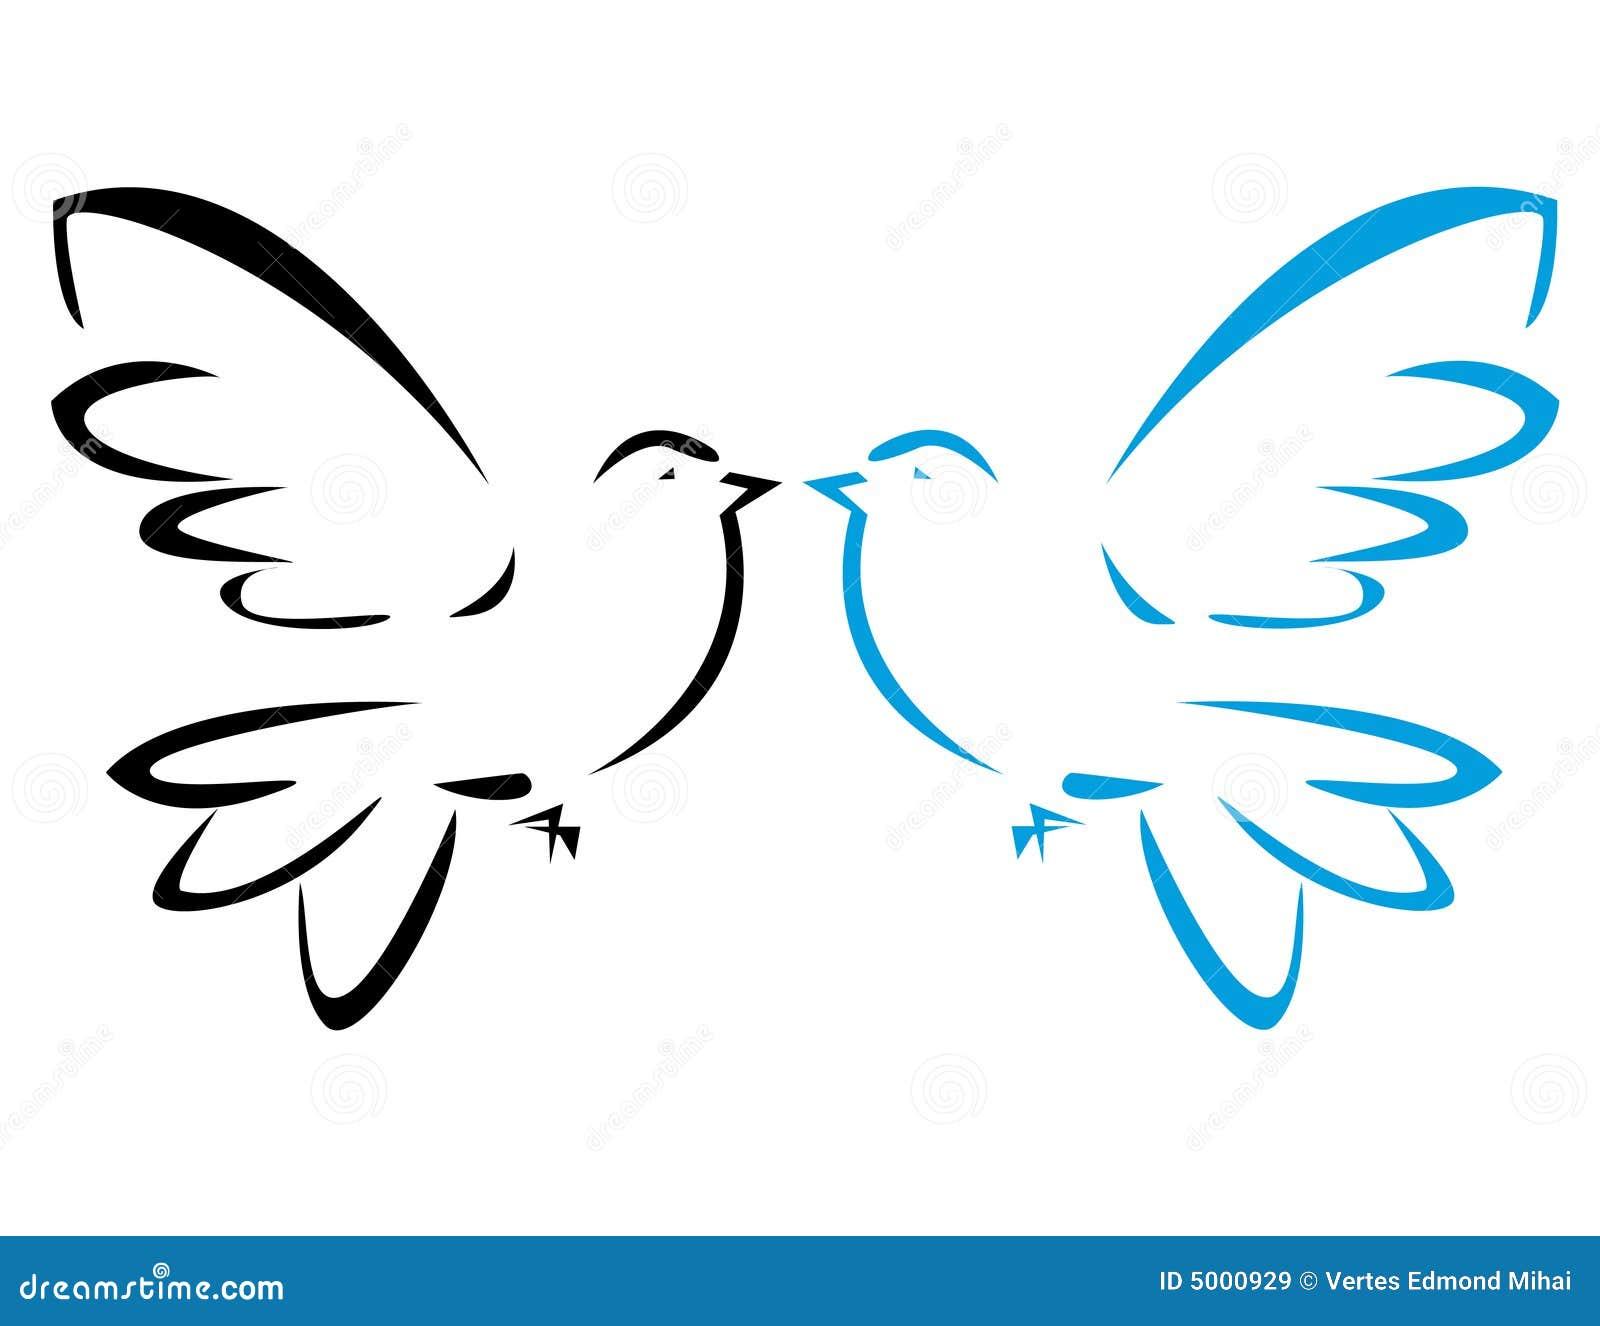 fliegende taube lizenzfreie stockbilder bild 5000929 free clipart dove with olive branch free dove clipart download